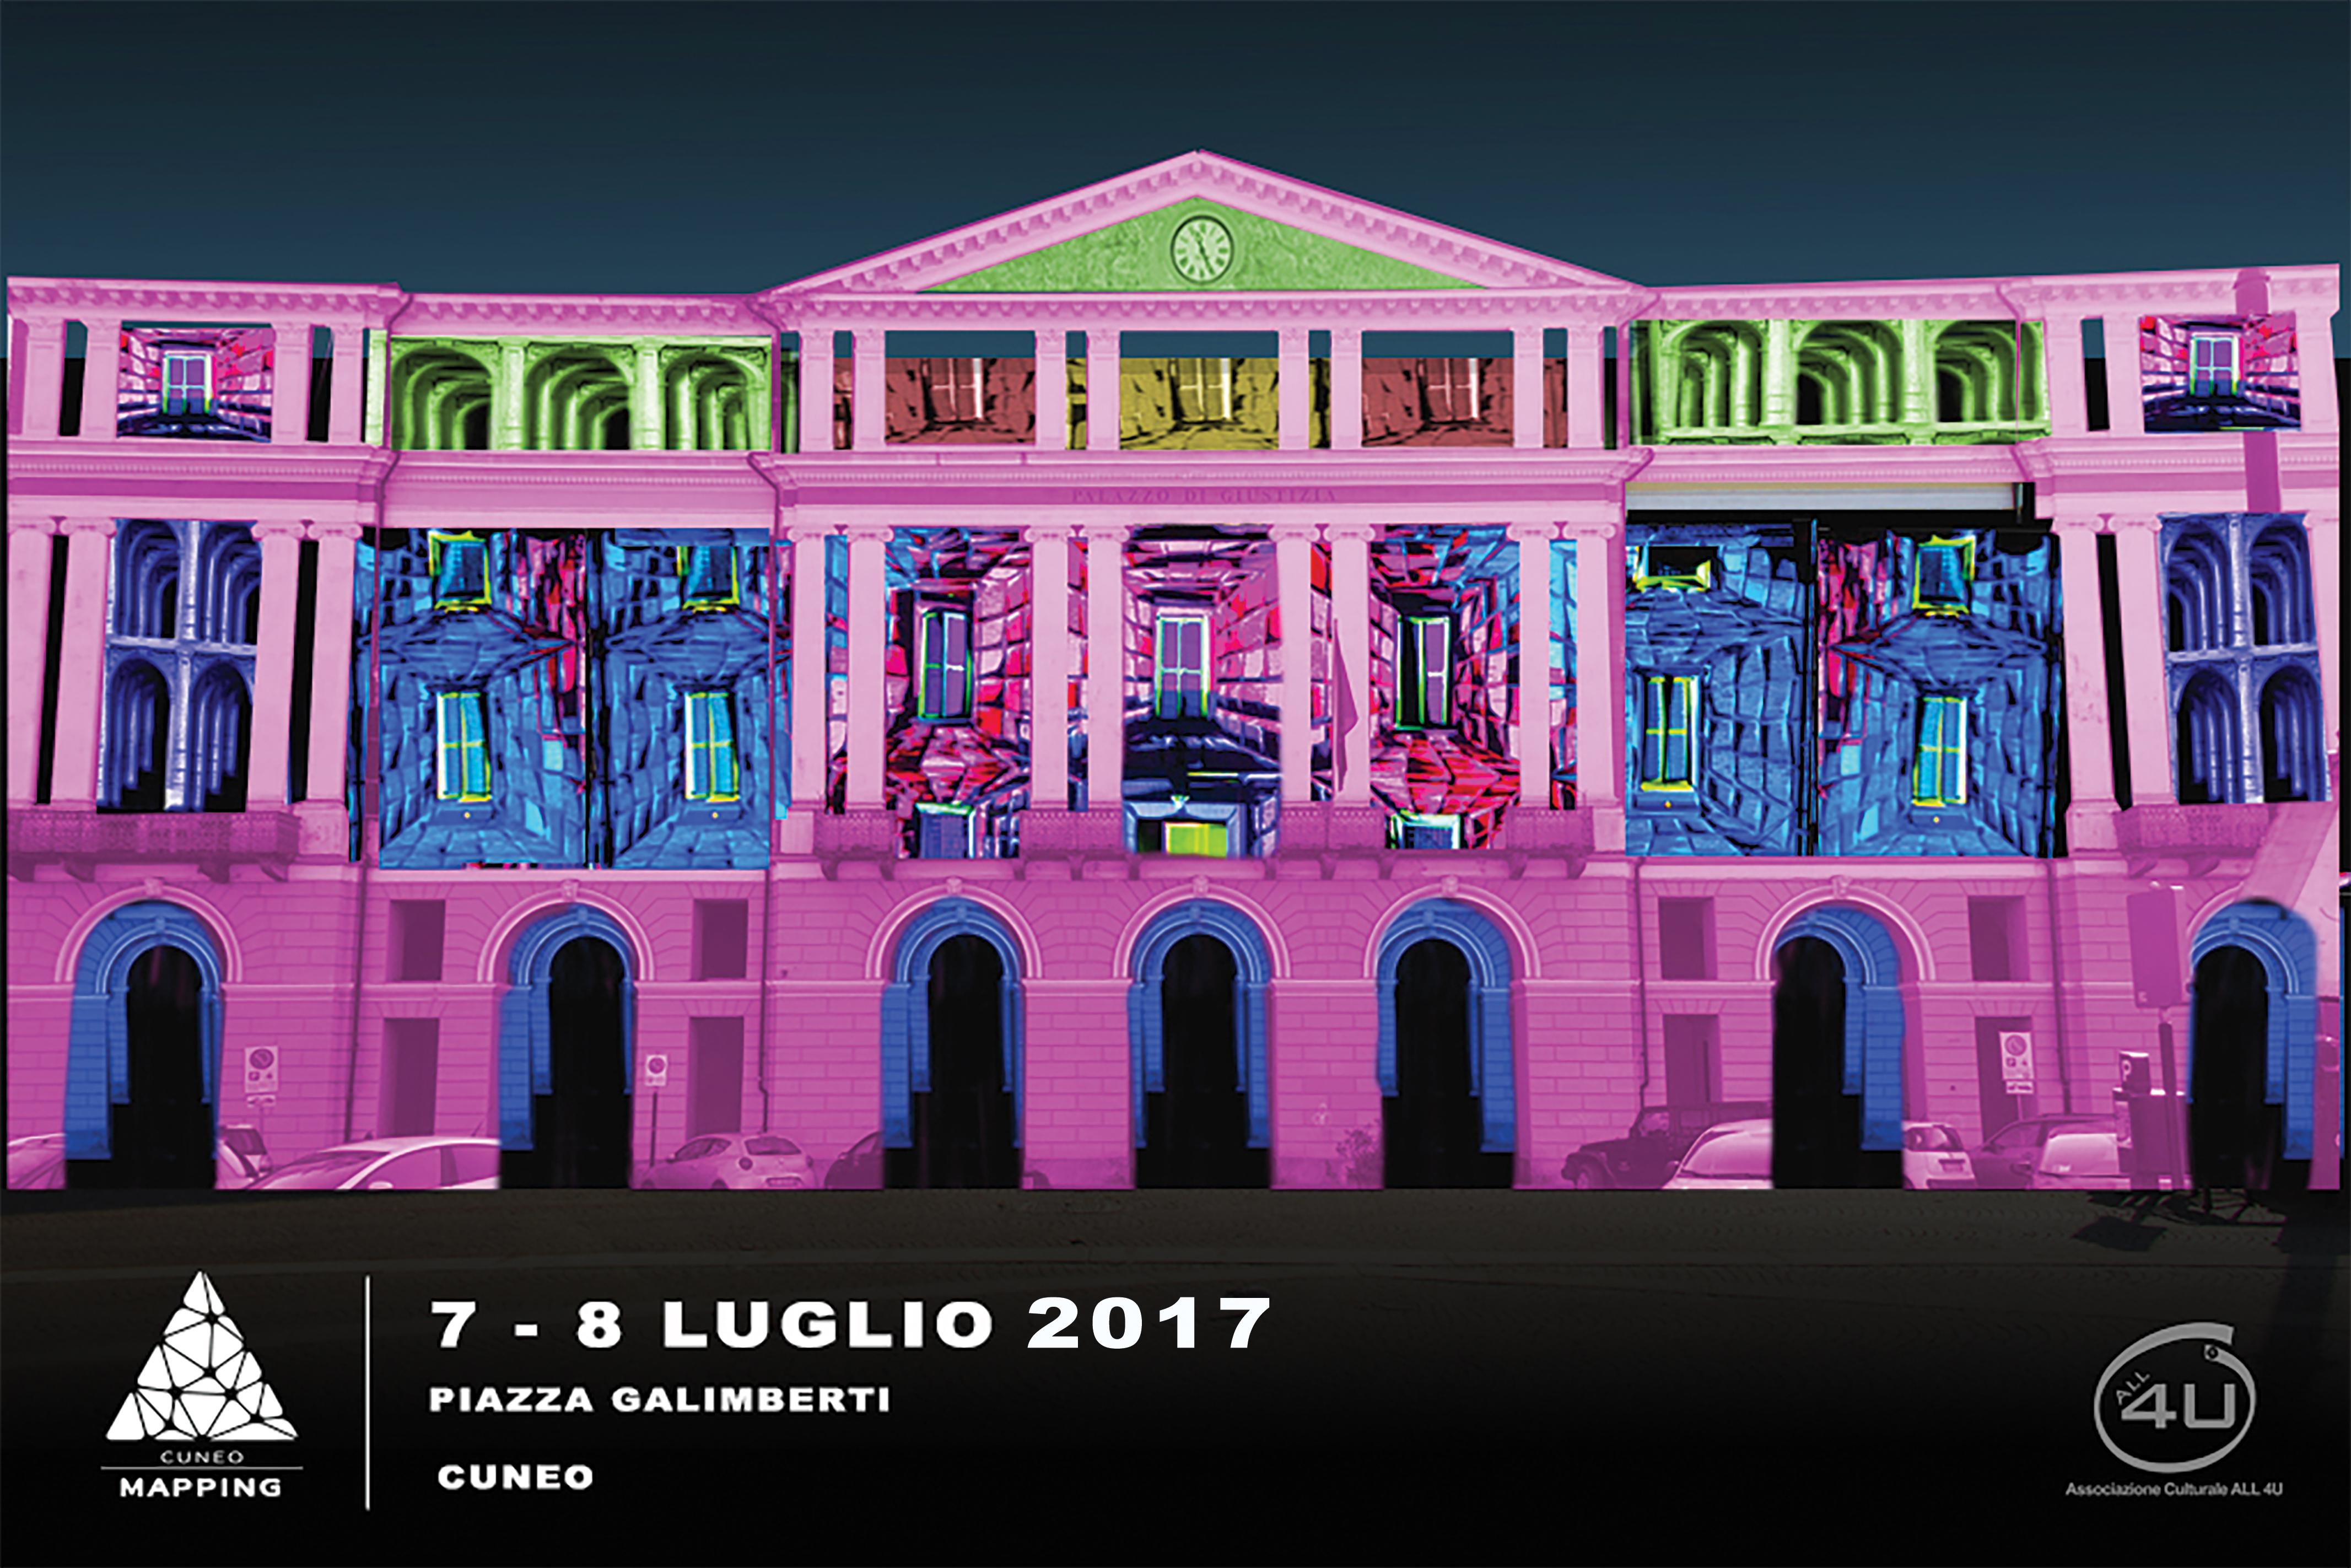 La Guida - Illusioni ottiche e giochi di luci in piazza Galimberti